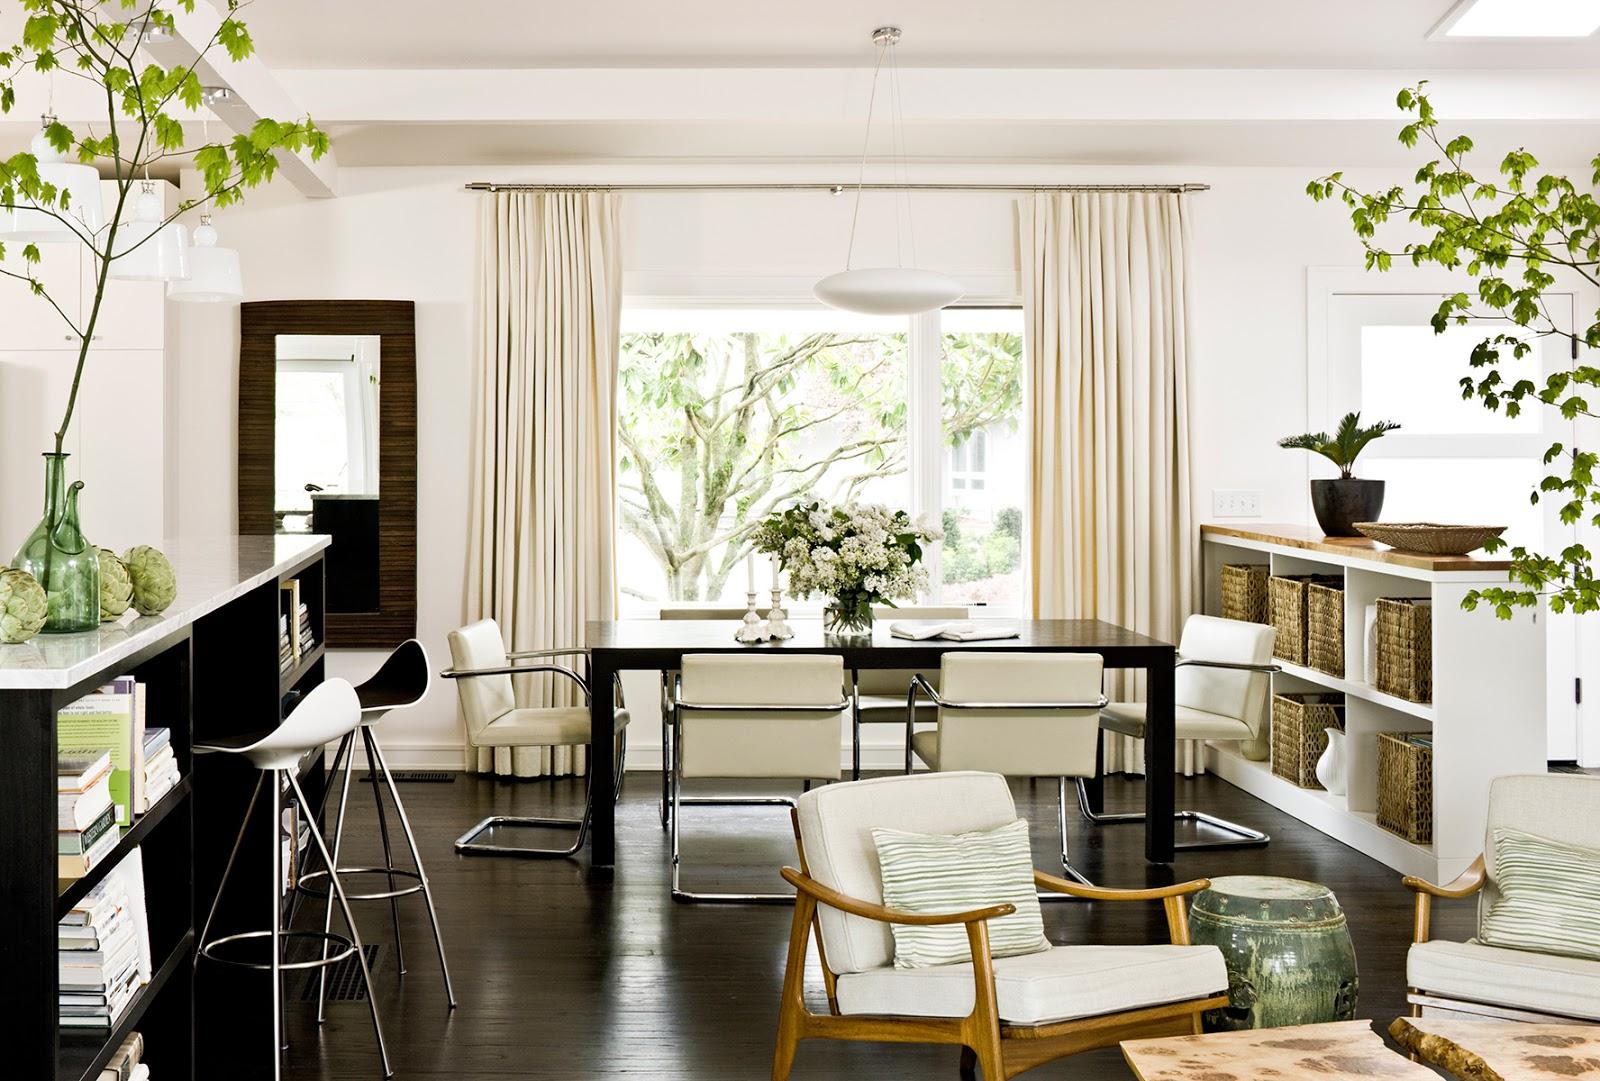 huong dan cach trang tri nha dep duoc ua chuong 2020 2473 5 - Hướng dẫn cách trang trí nhà đẹp được ưa chuộng 2020